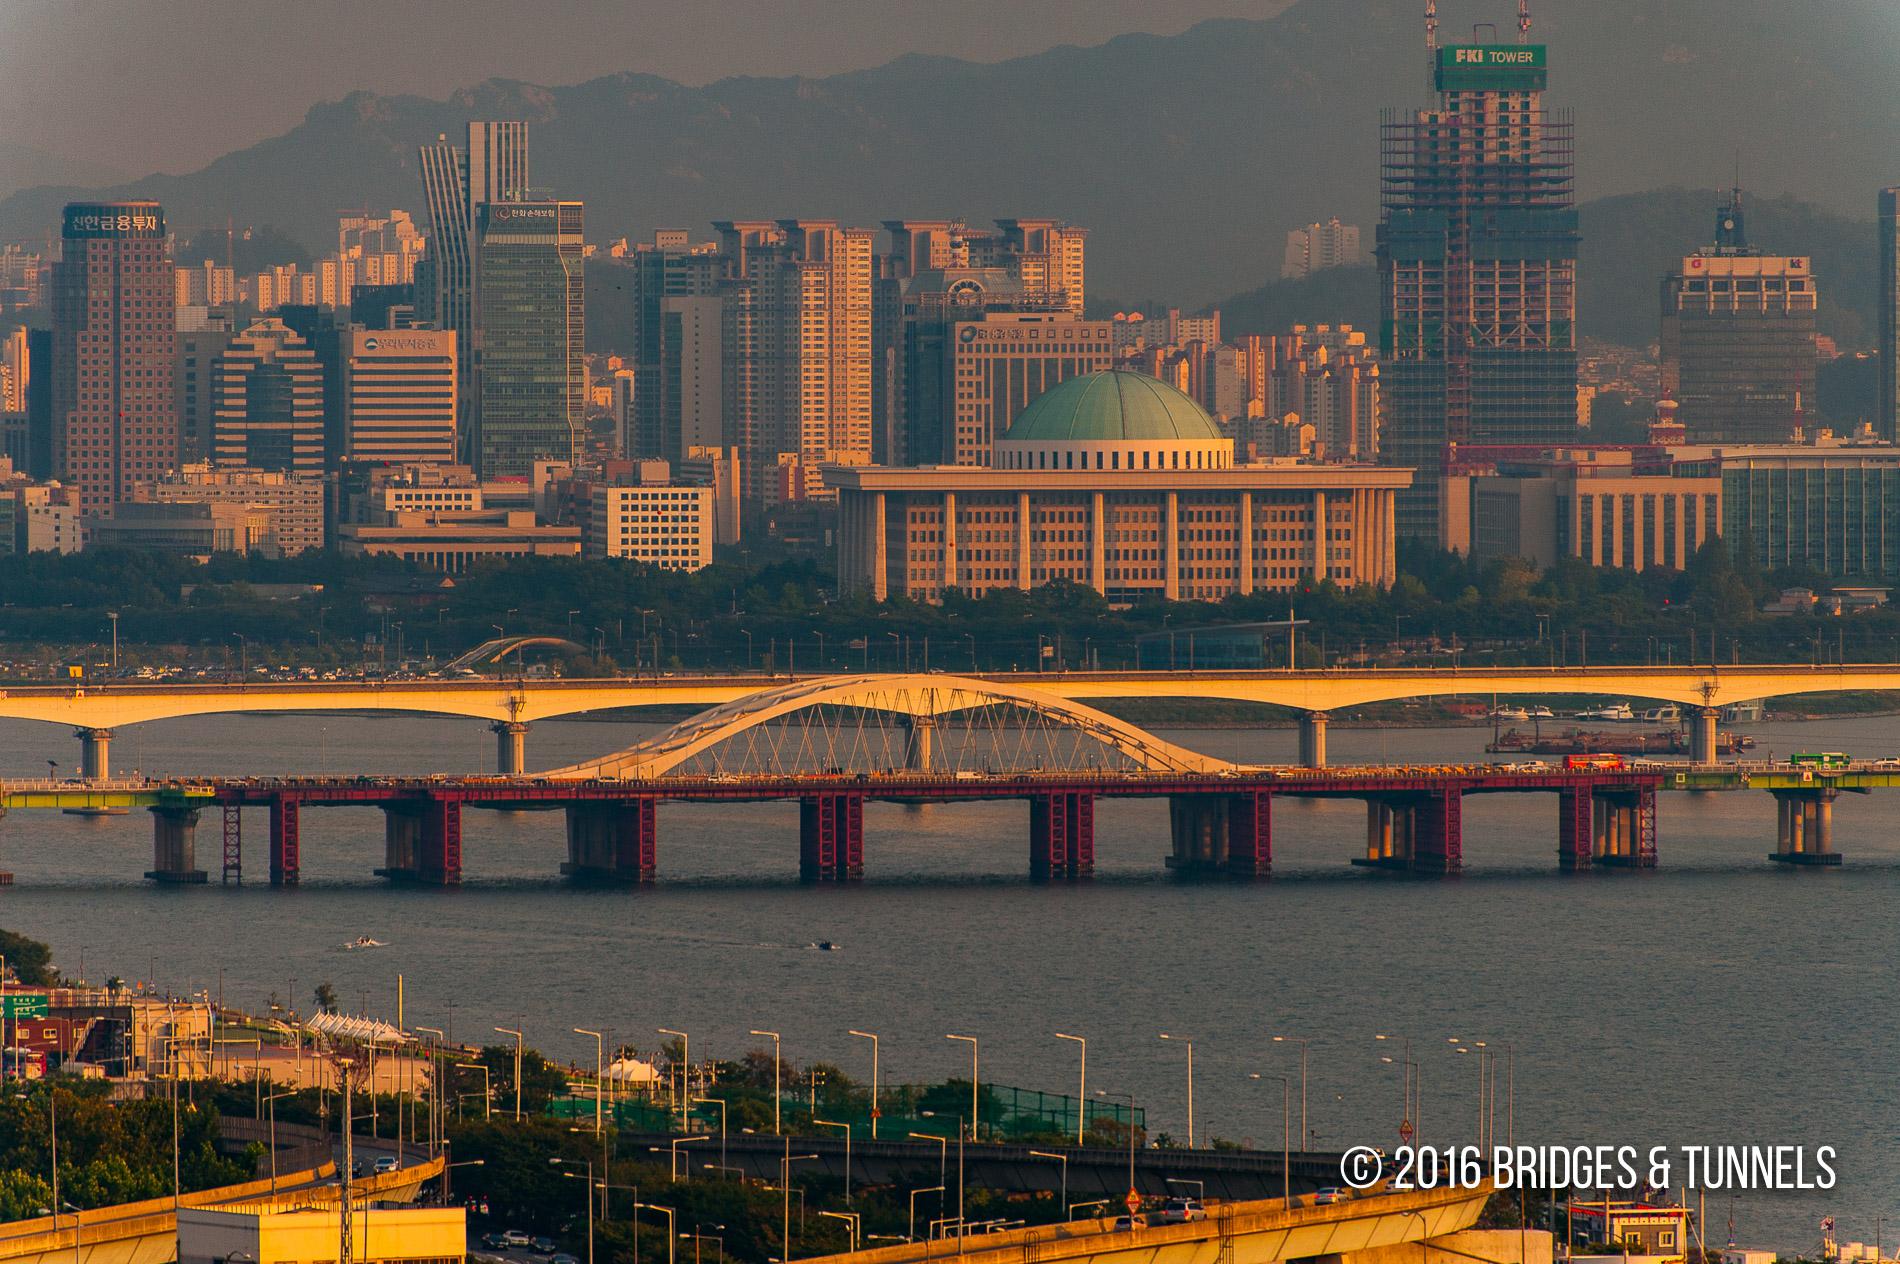 Tangshan Railway Bridge